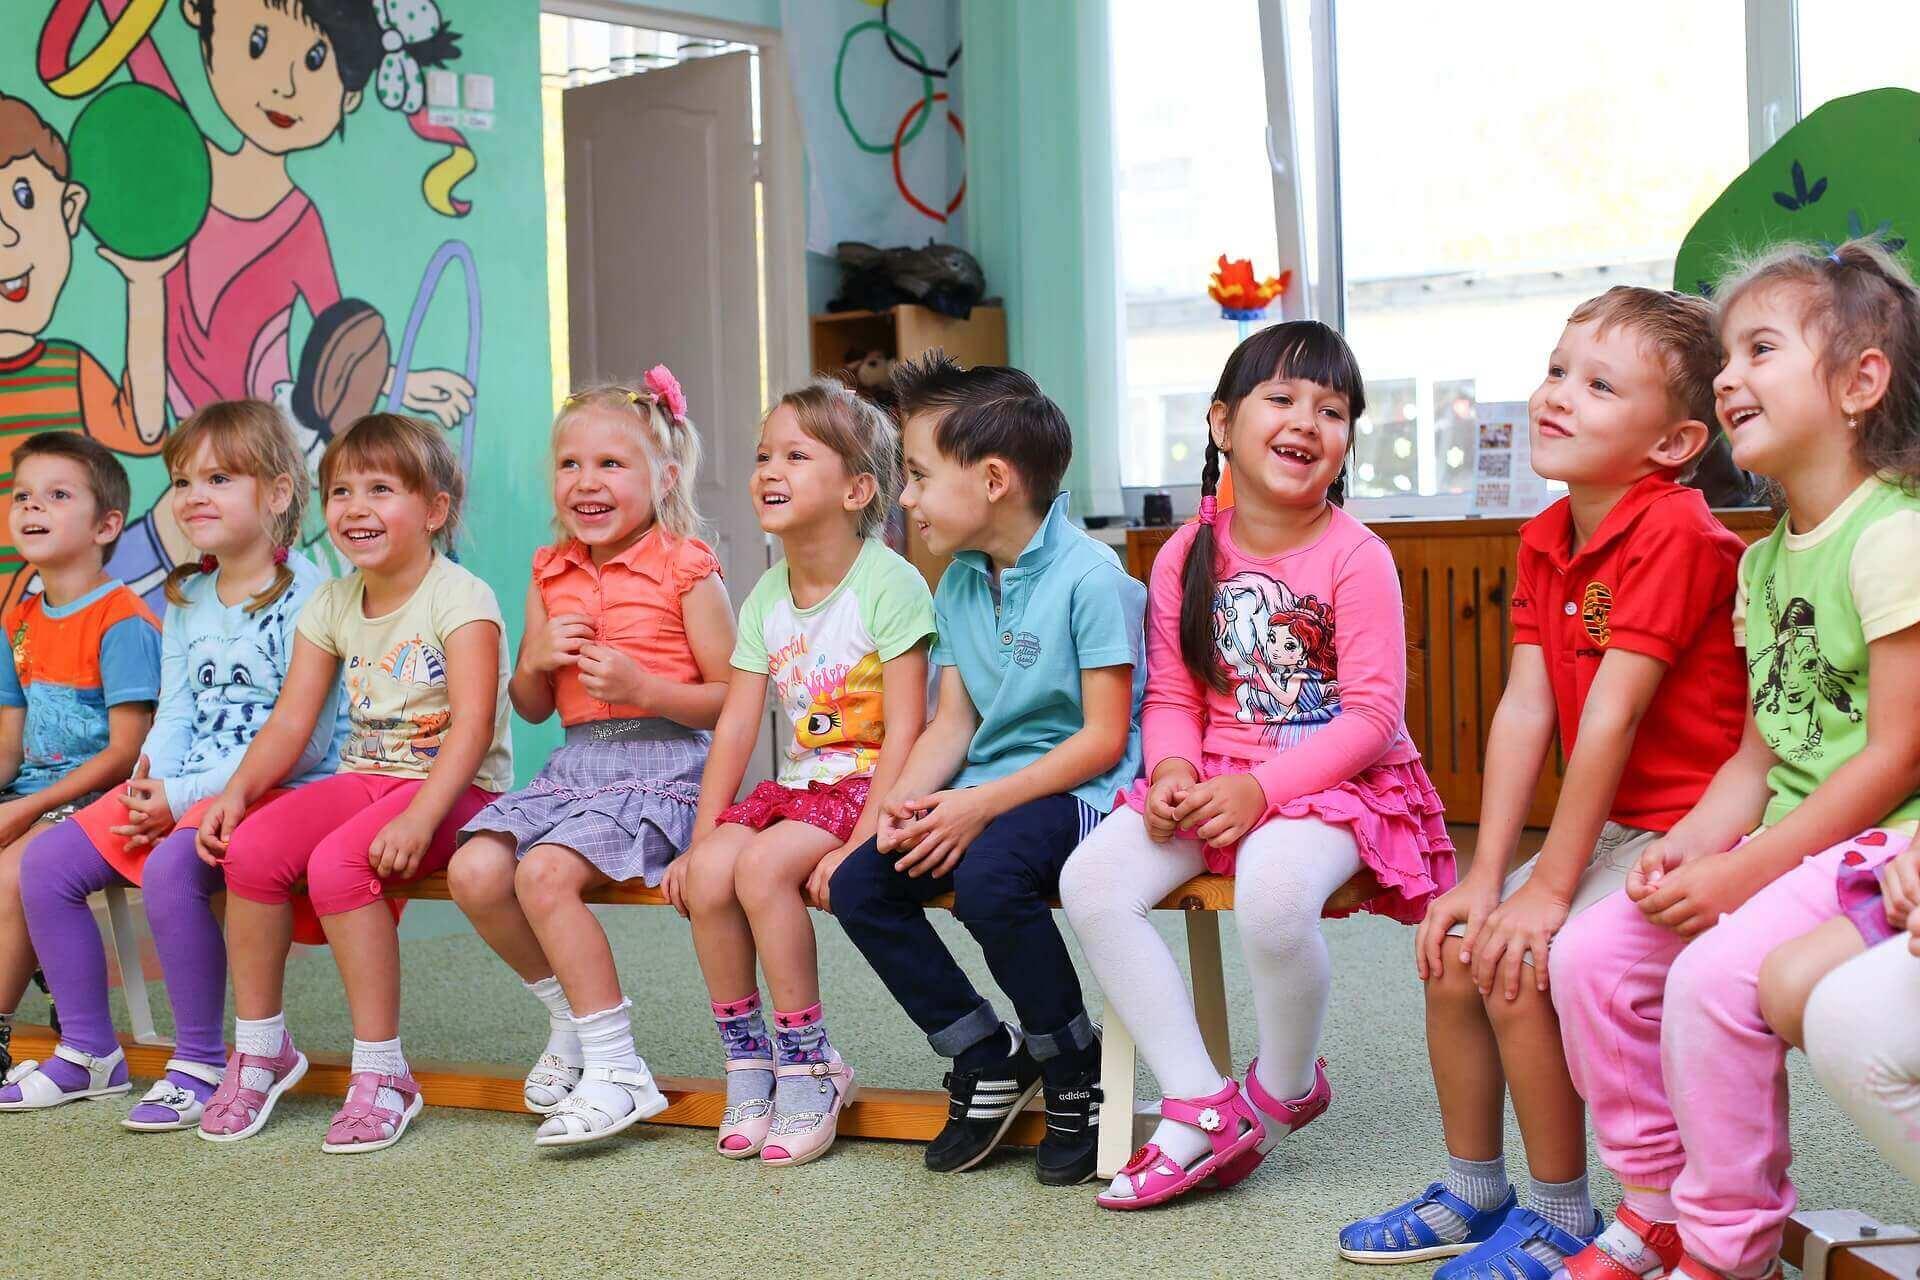 SPÖ reicht Klage wegen Verstoß gegen Kinderrechte ein